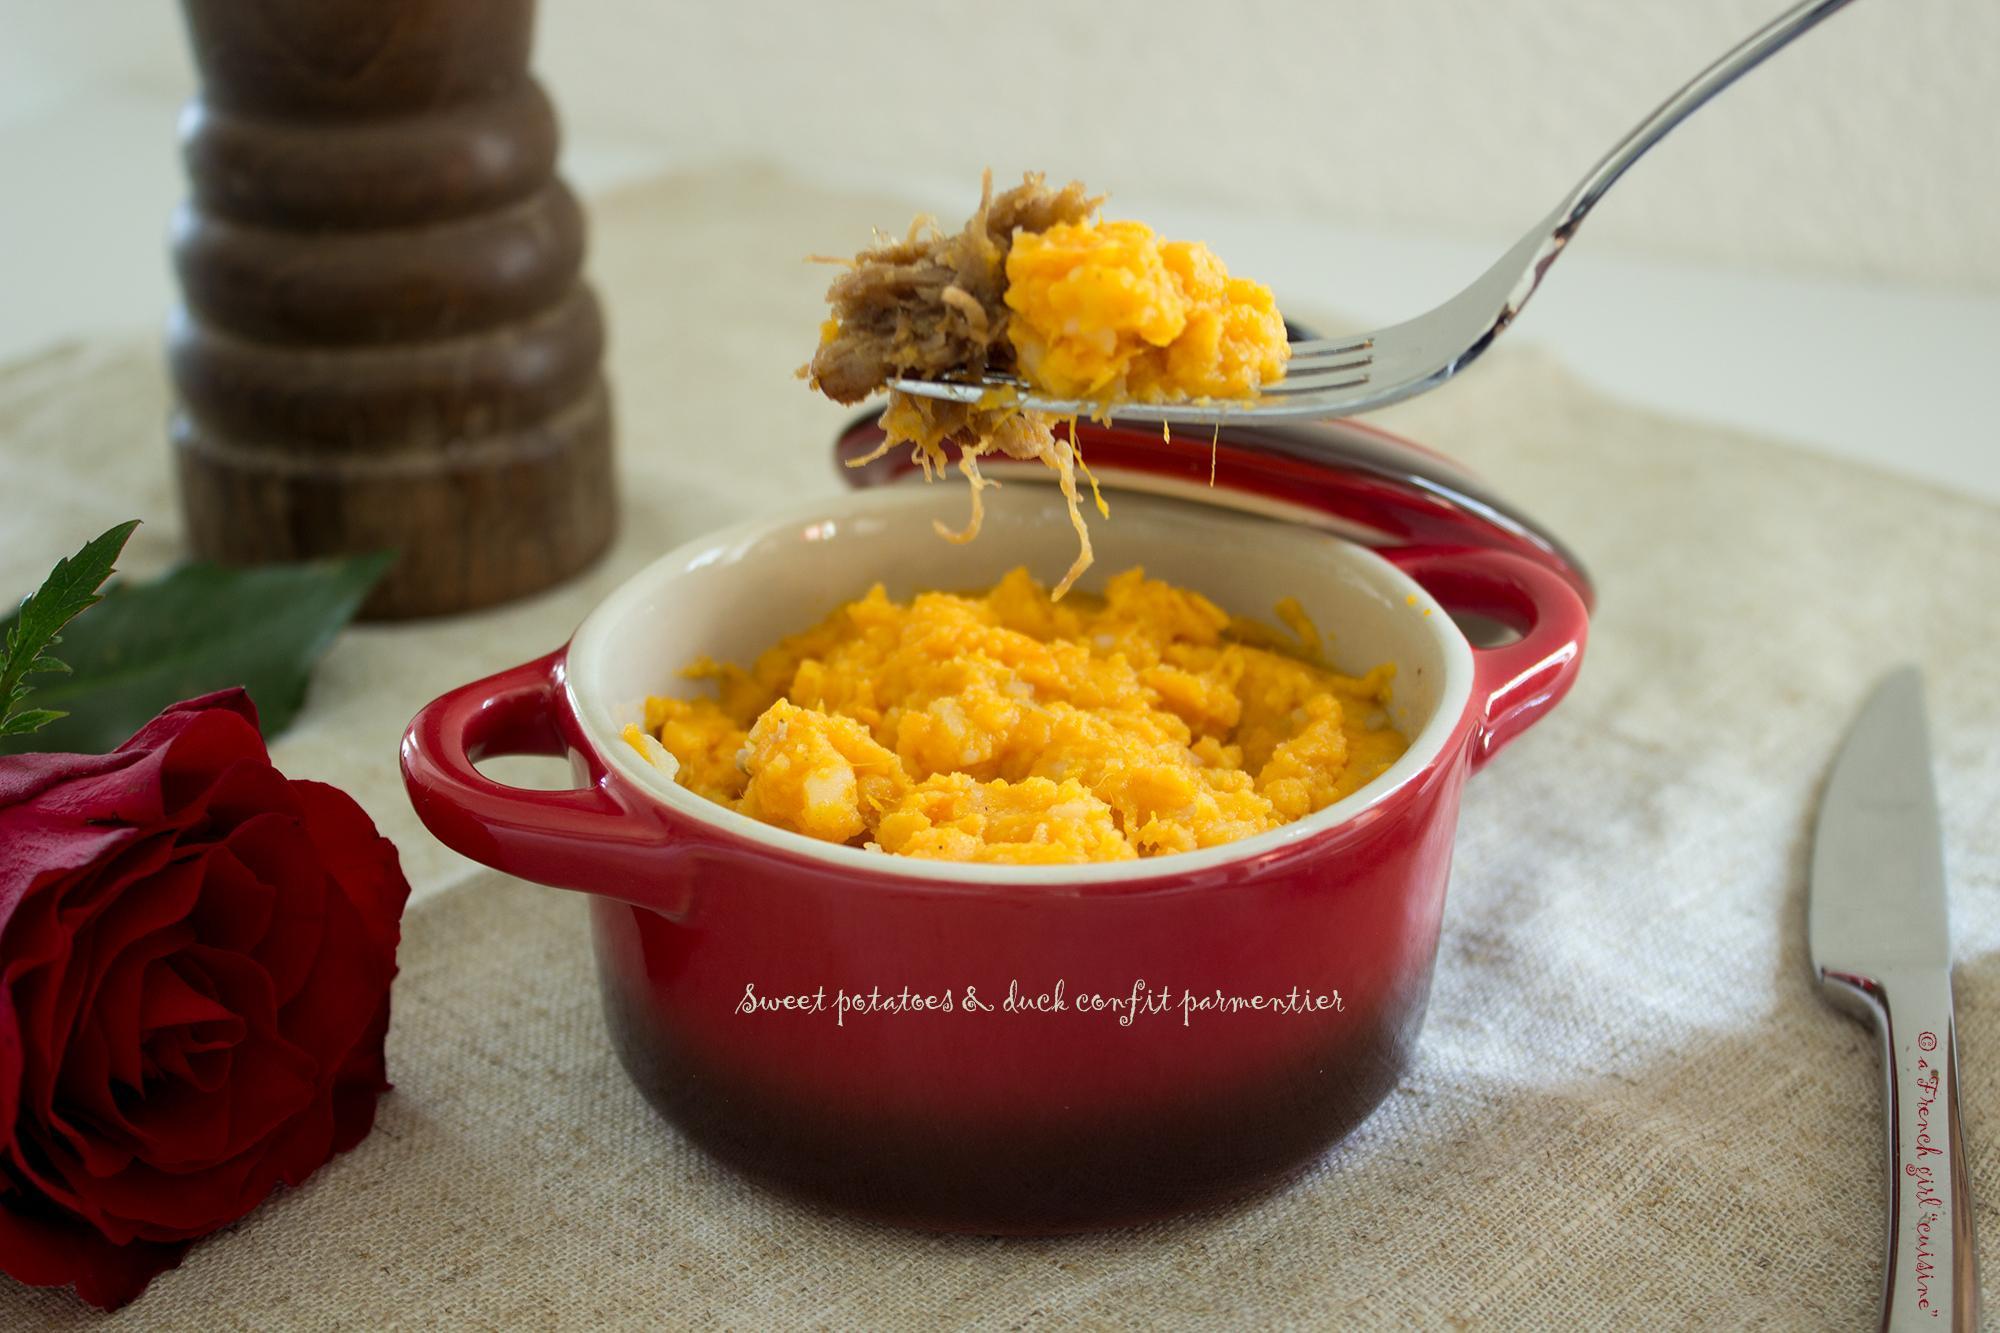 Sweet potatoes purée and duck confit parmentier